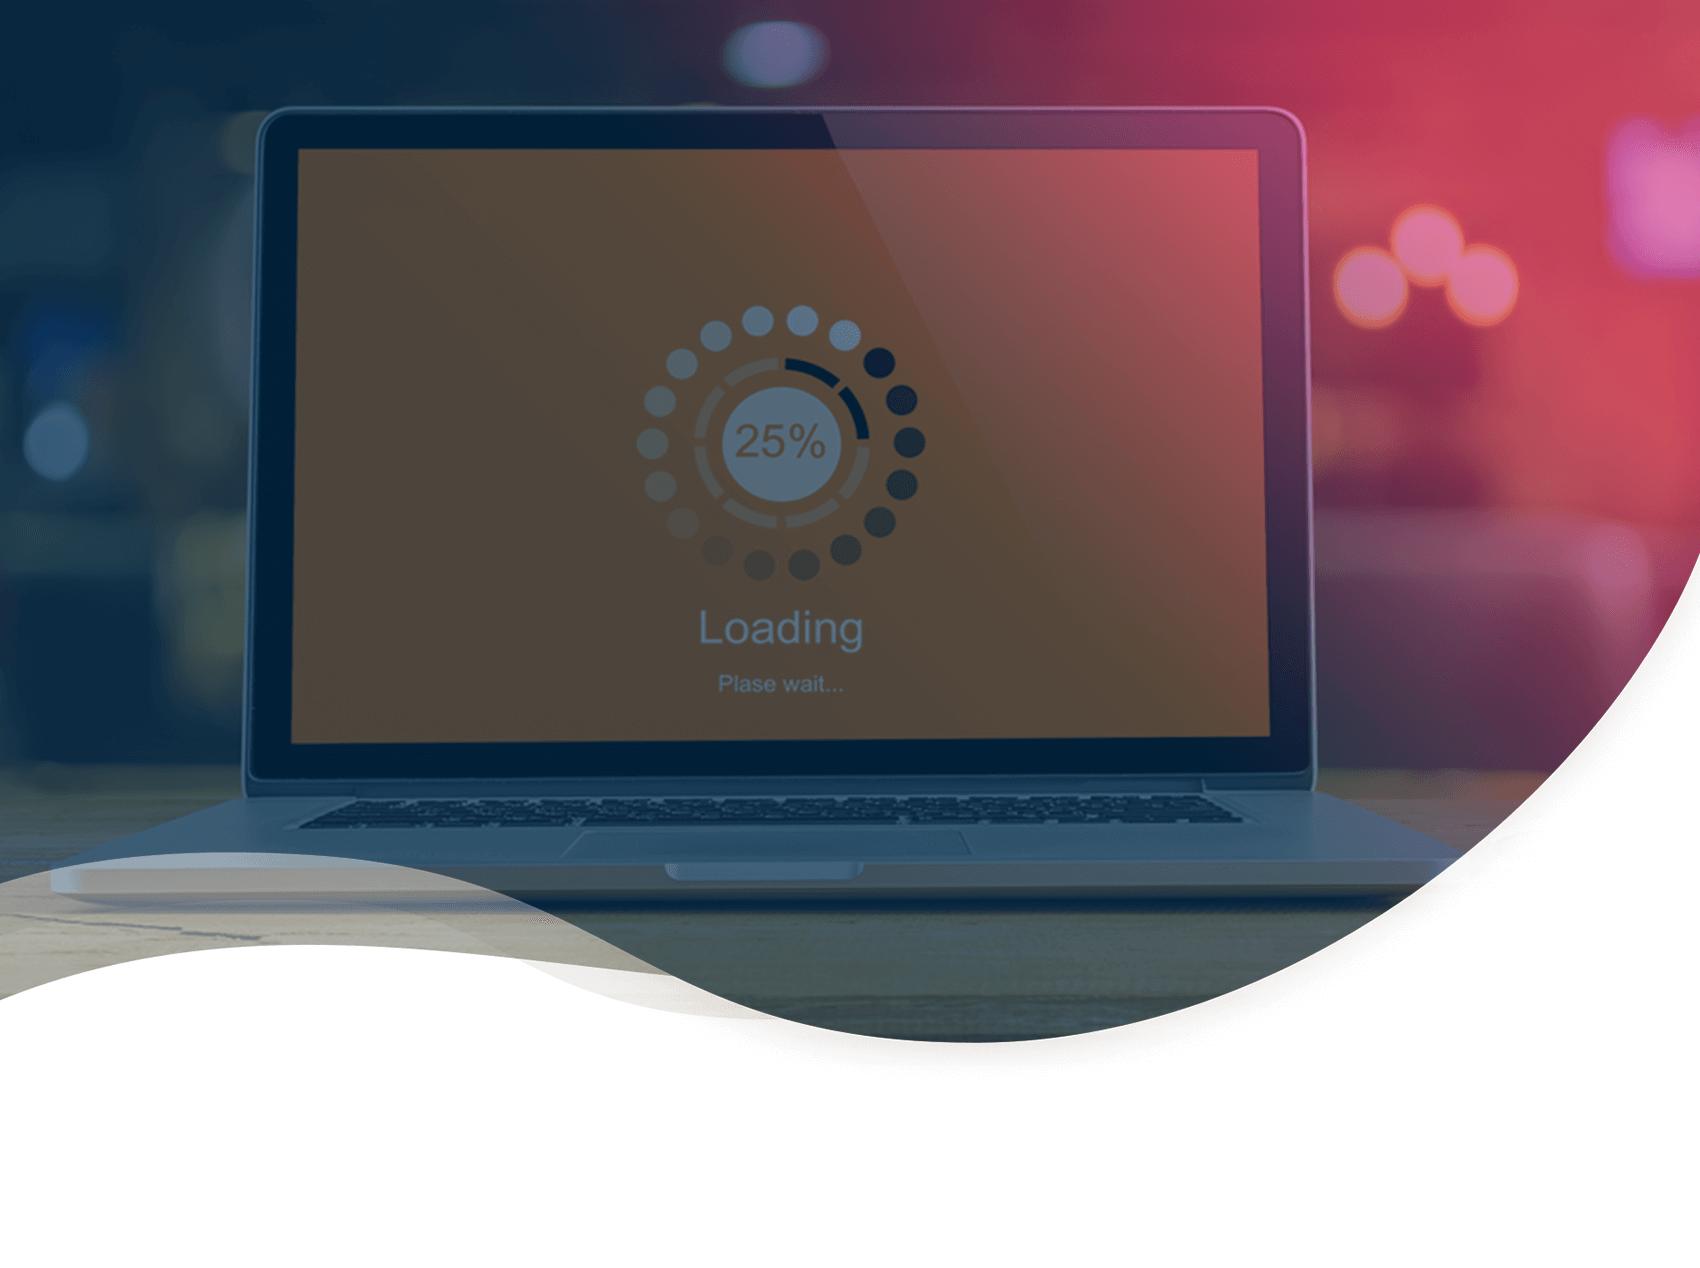 Comment optimiser le chargement d'une page web?